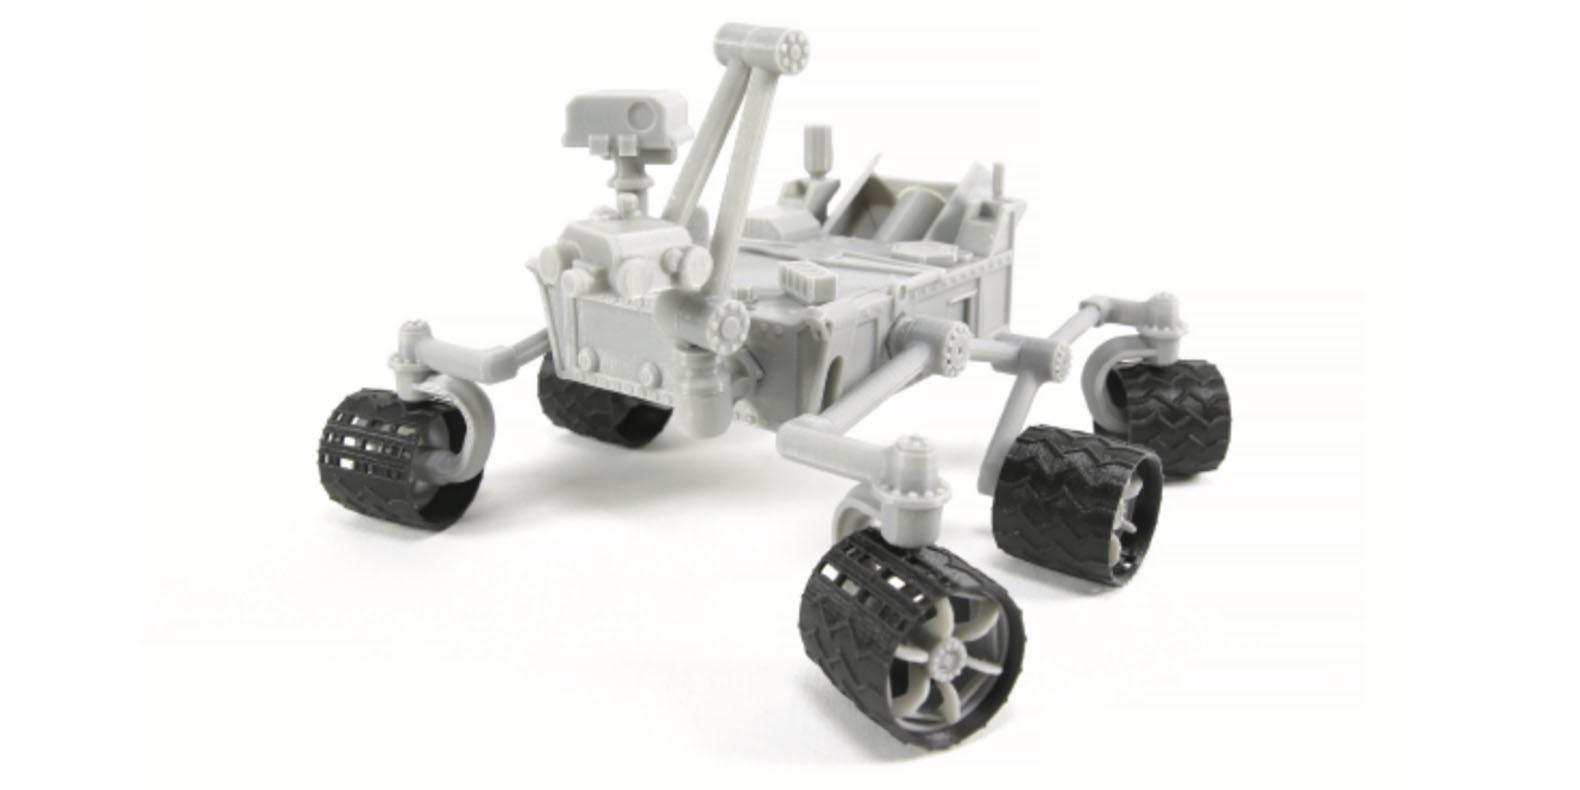 Retrouvez ici une sélection des meilleurs modèles imprimables en 3D liés à l'espace